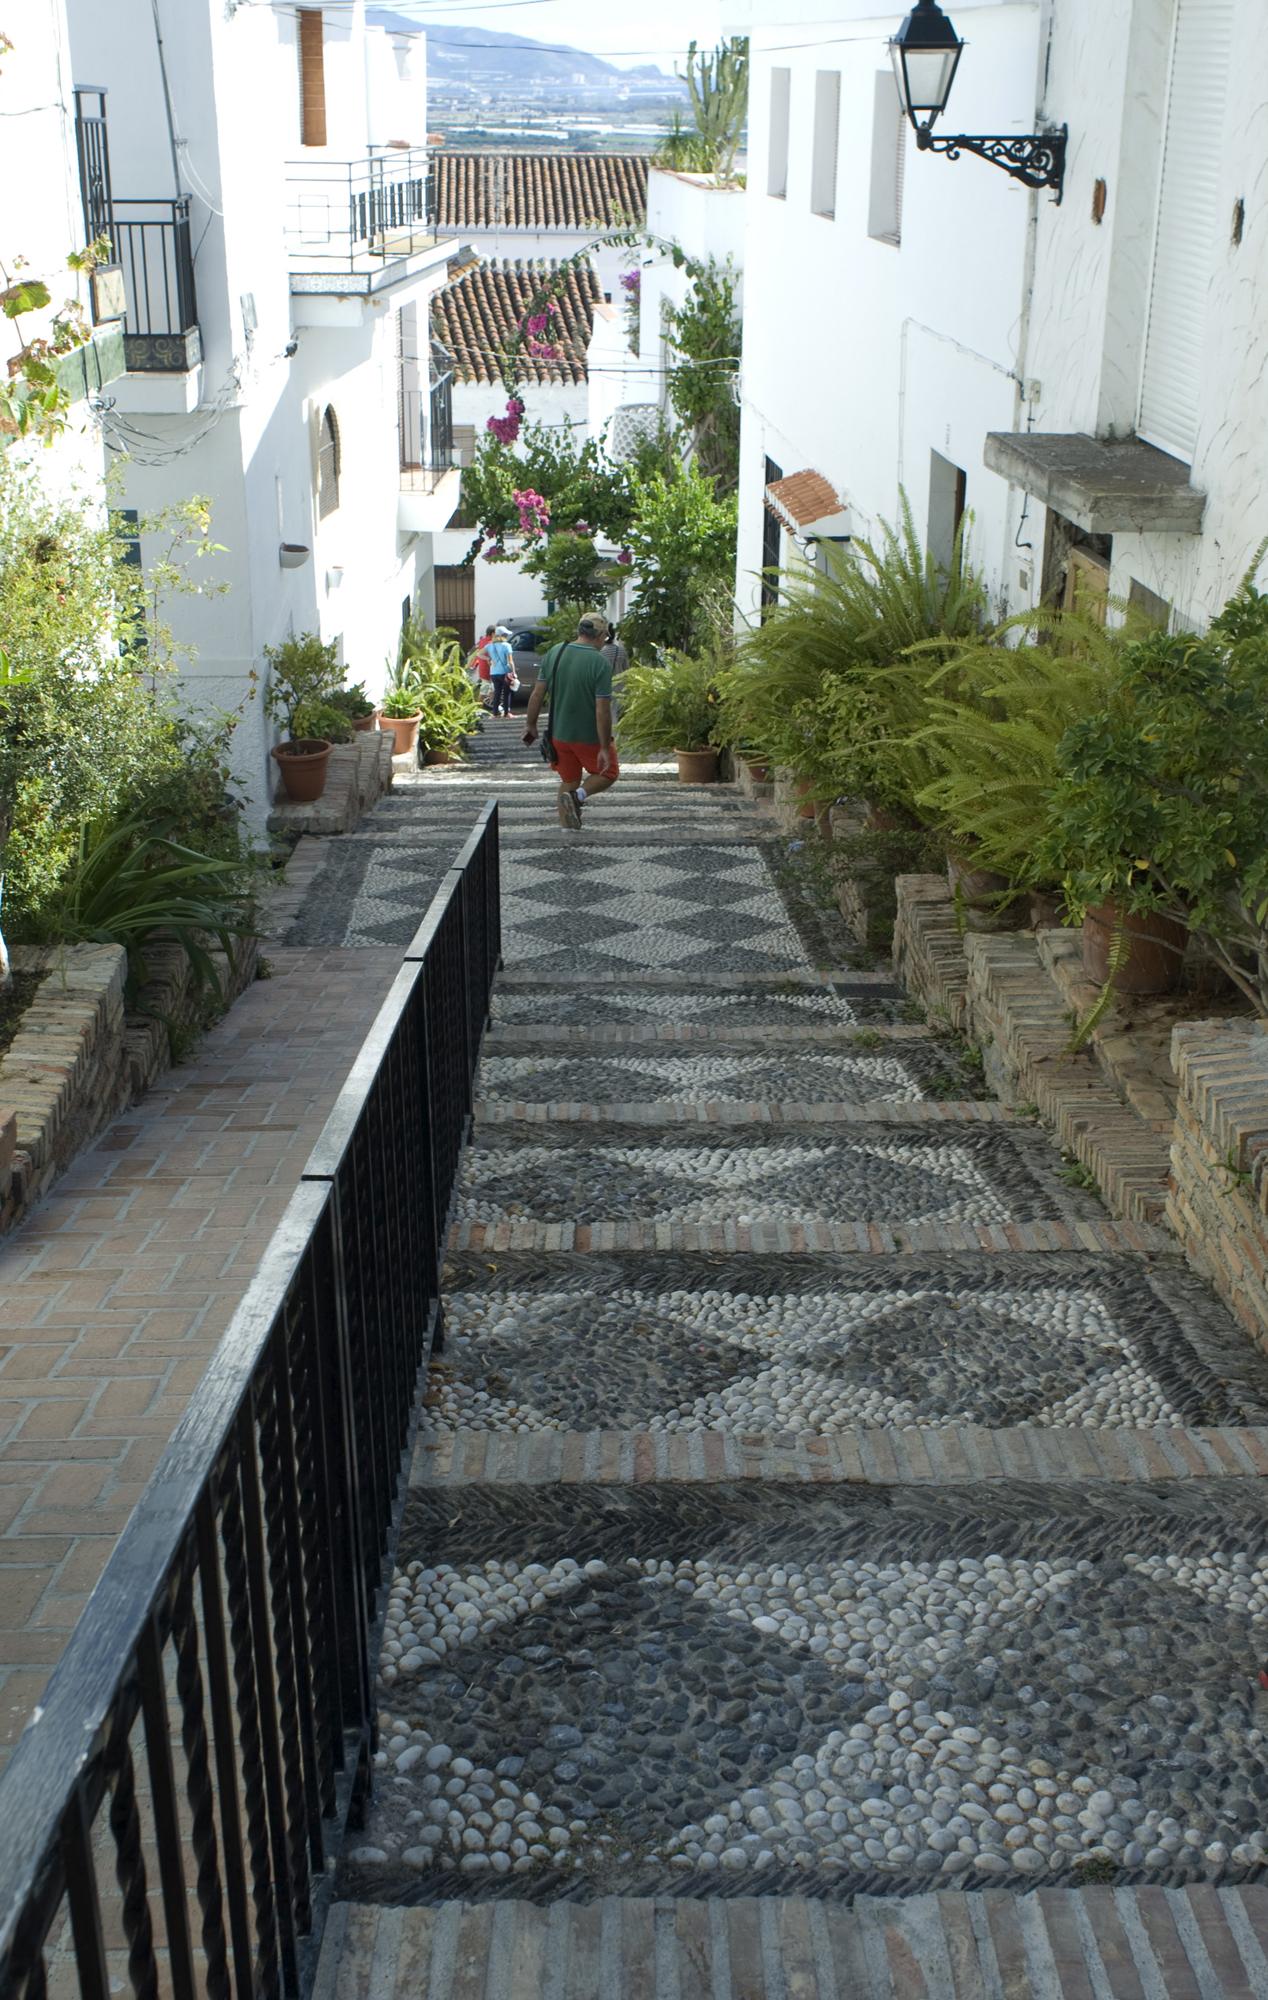 Calle de Salobreña, Granada